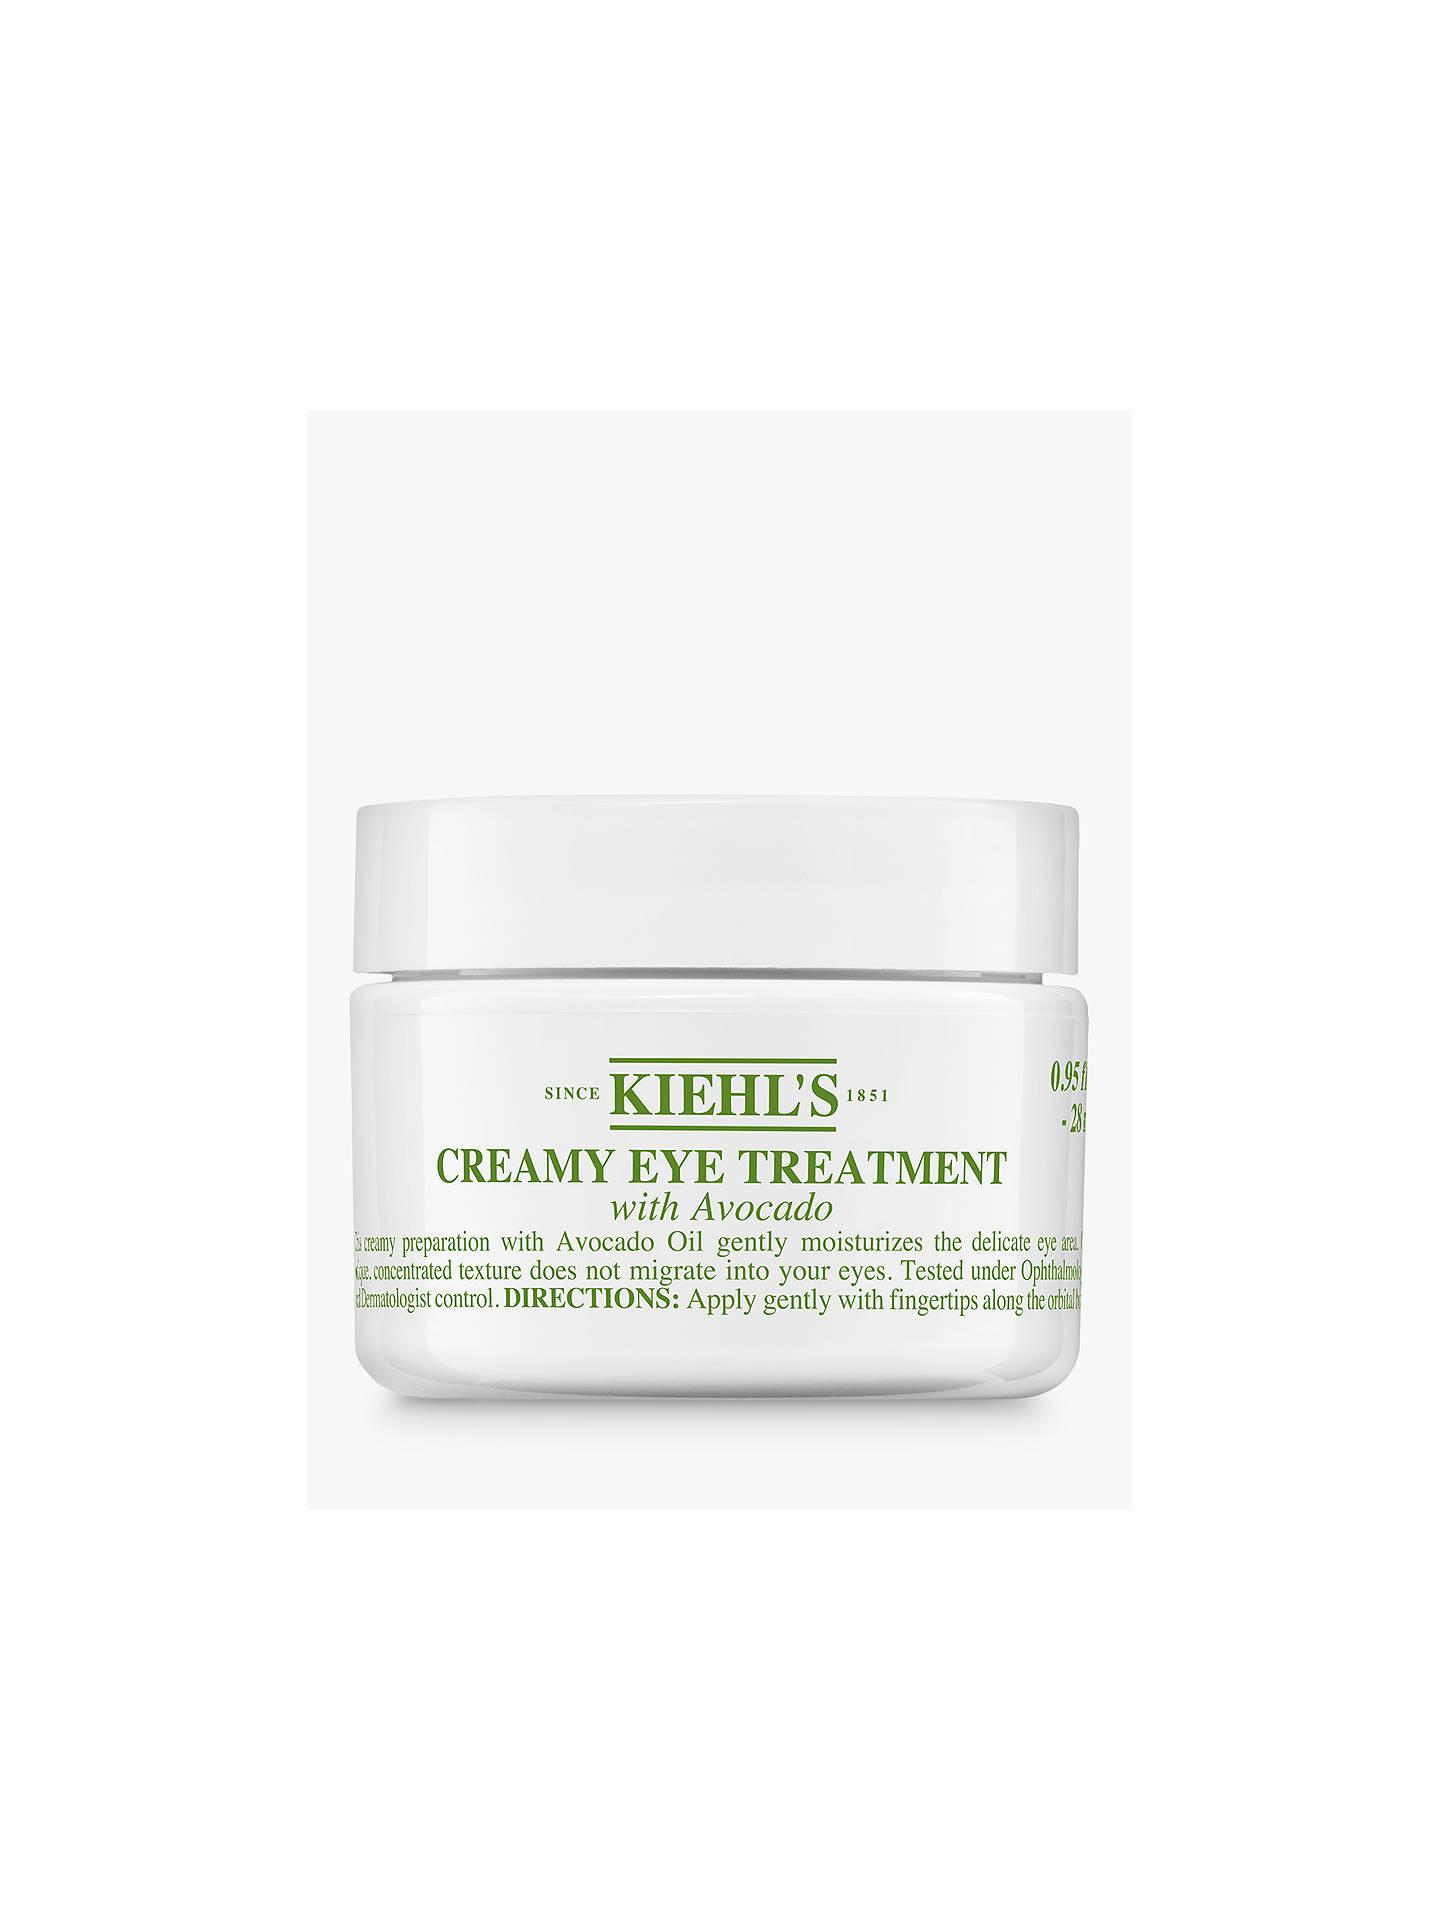 kiehls creamy eye treatment with avocado review